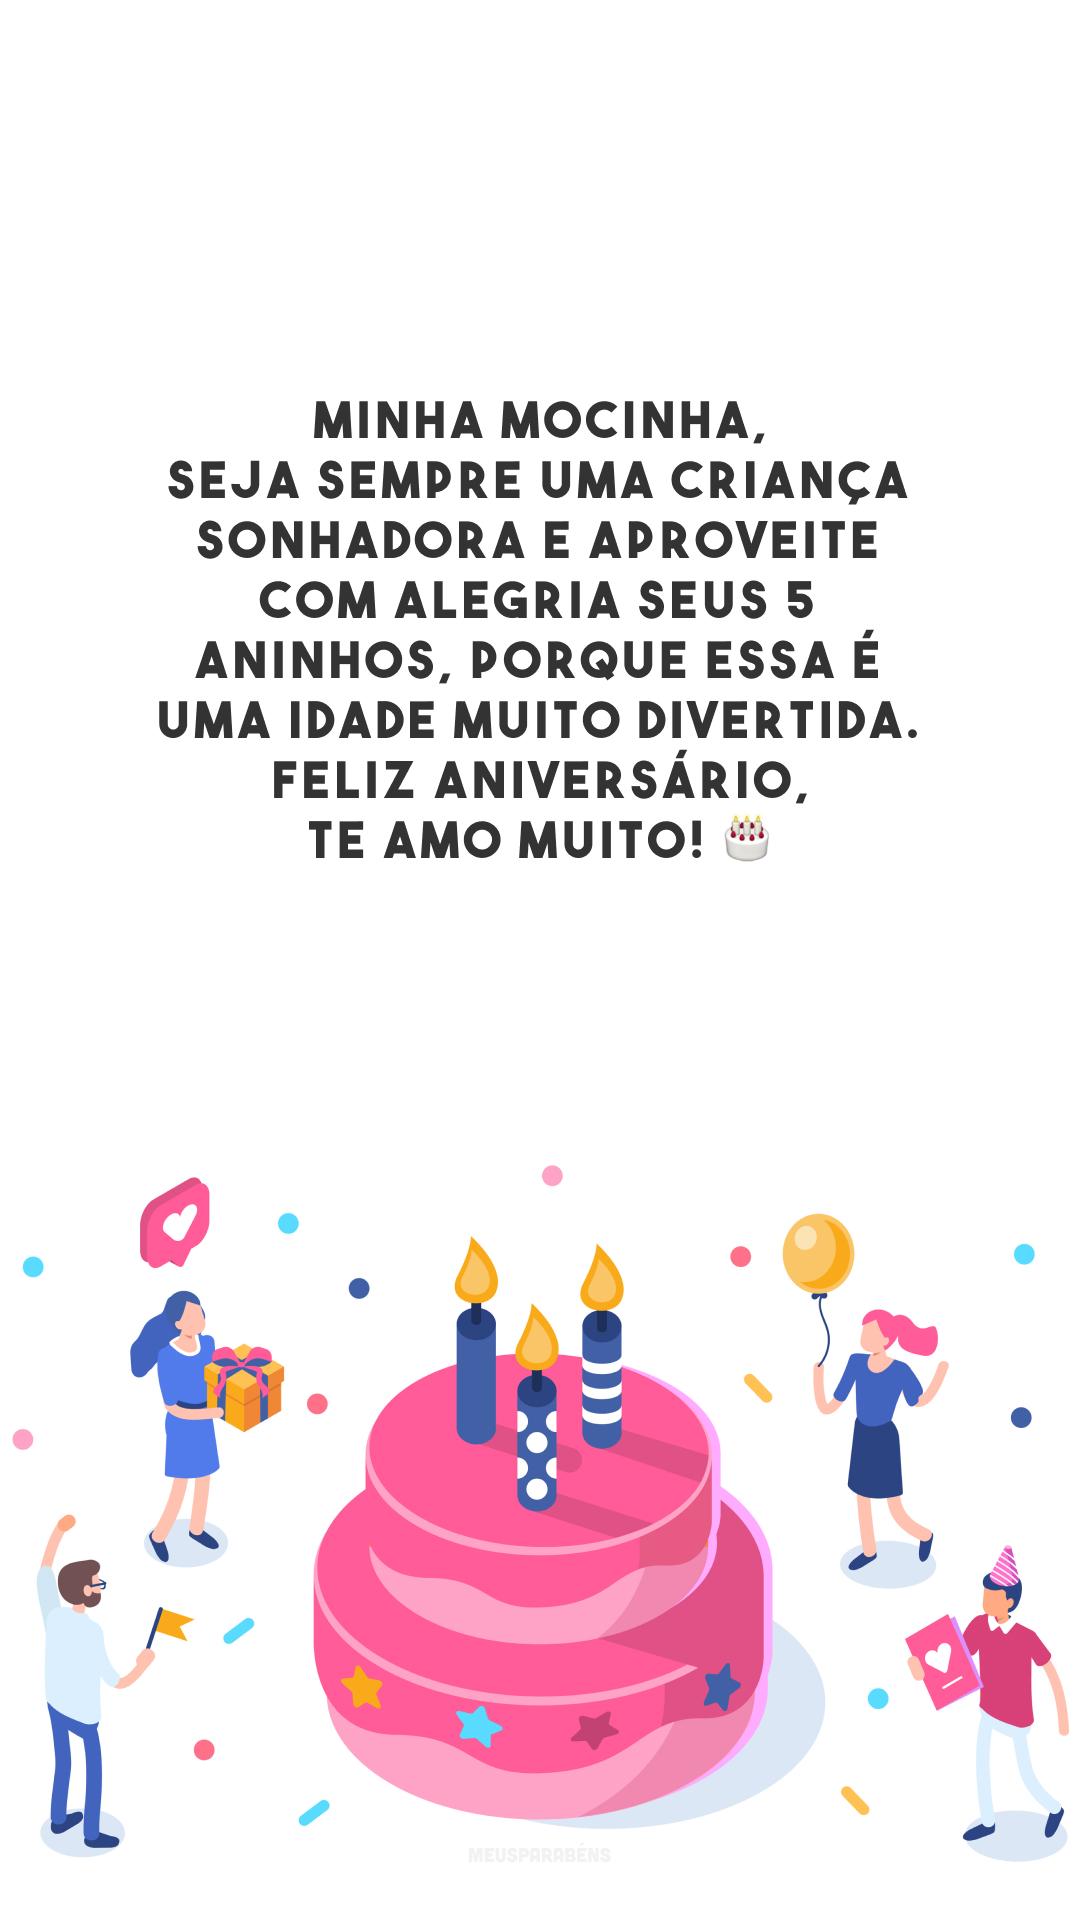 Minha mocinha, seja sempre uma criança sonhadora e aproveite com alegria seus 5 aninhos, porque essa é uma idade muito divertida. Feliz aniversário, te amo muito! 🎂